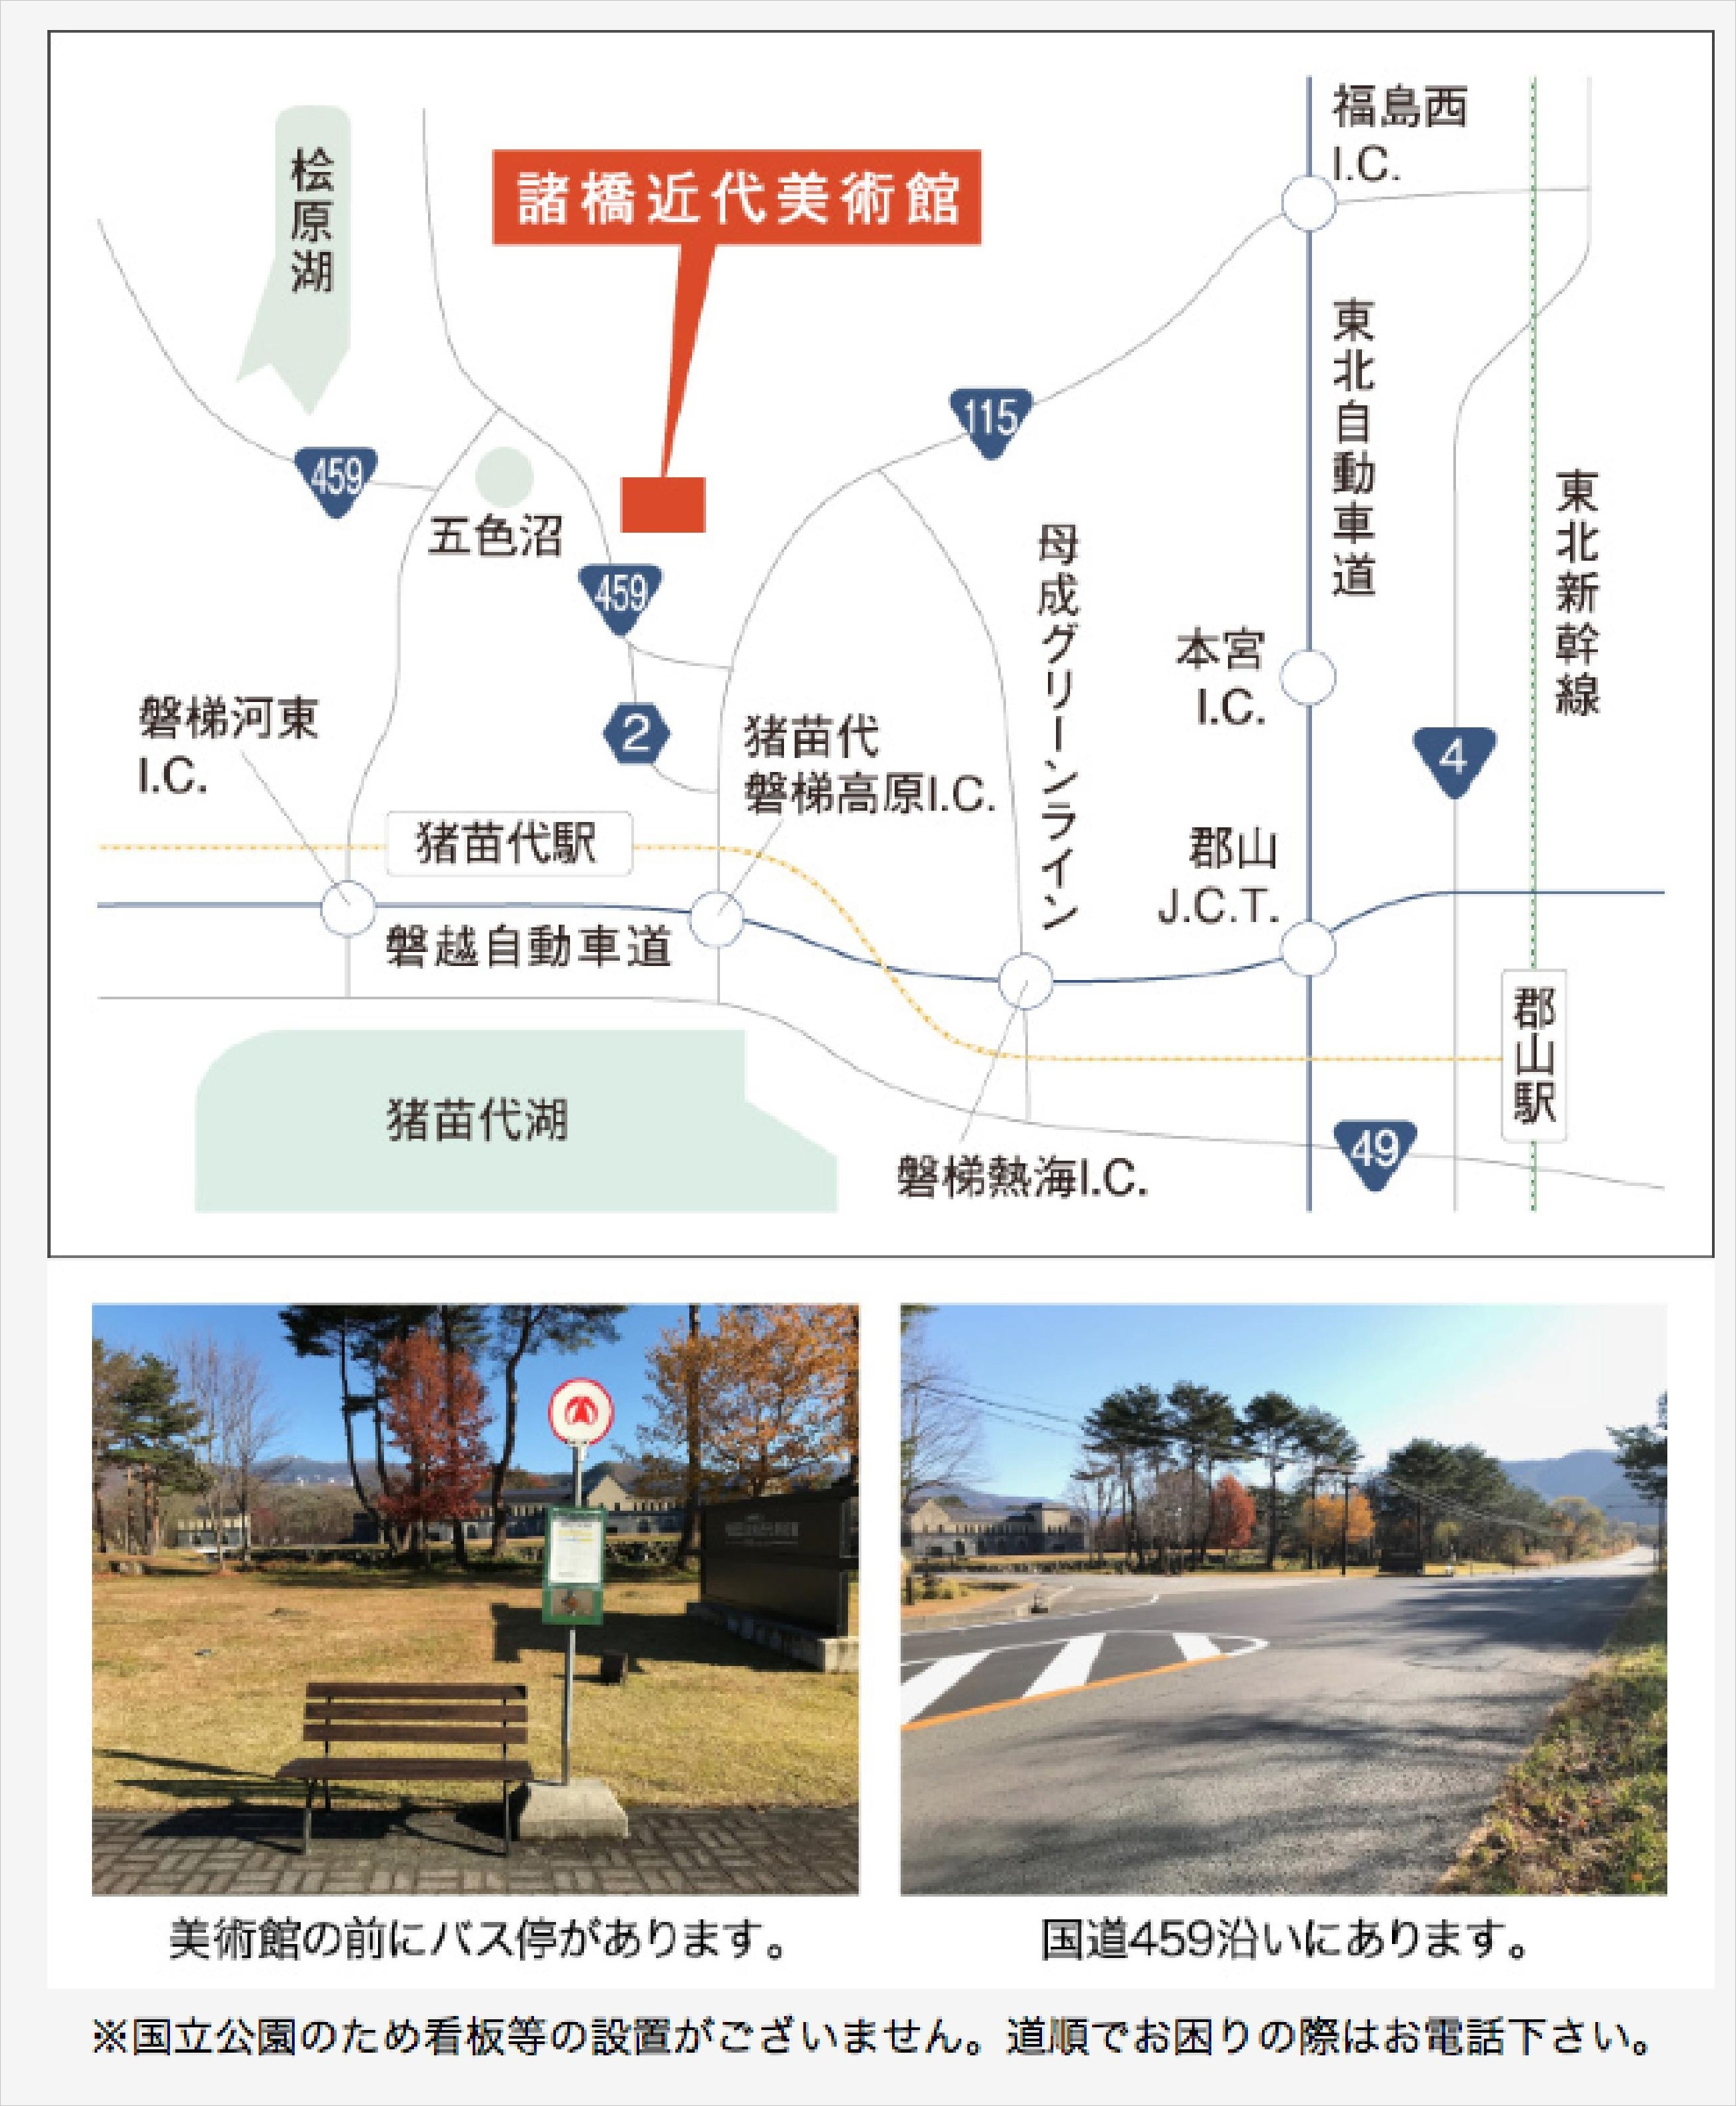 諸橋近代美術館。亞洲唯一達利博物館|盤梯朝日國立公園藝術寶地